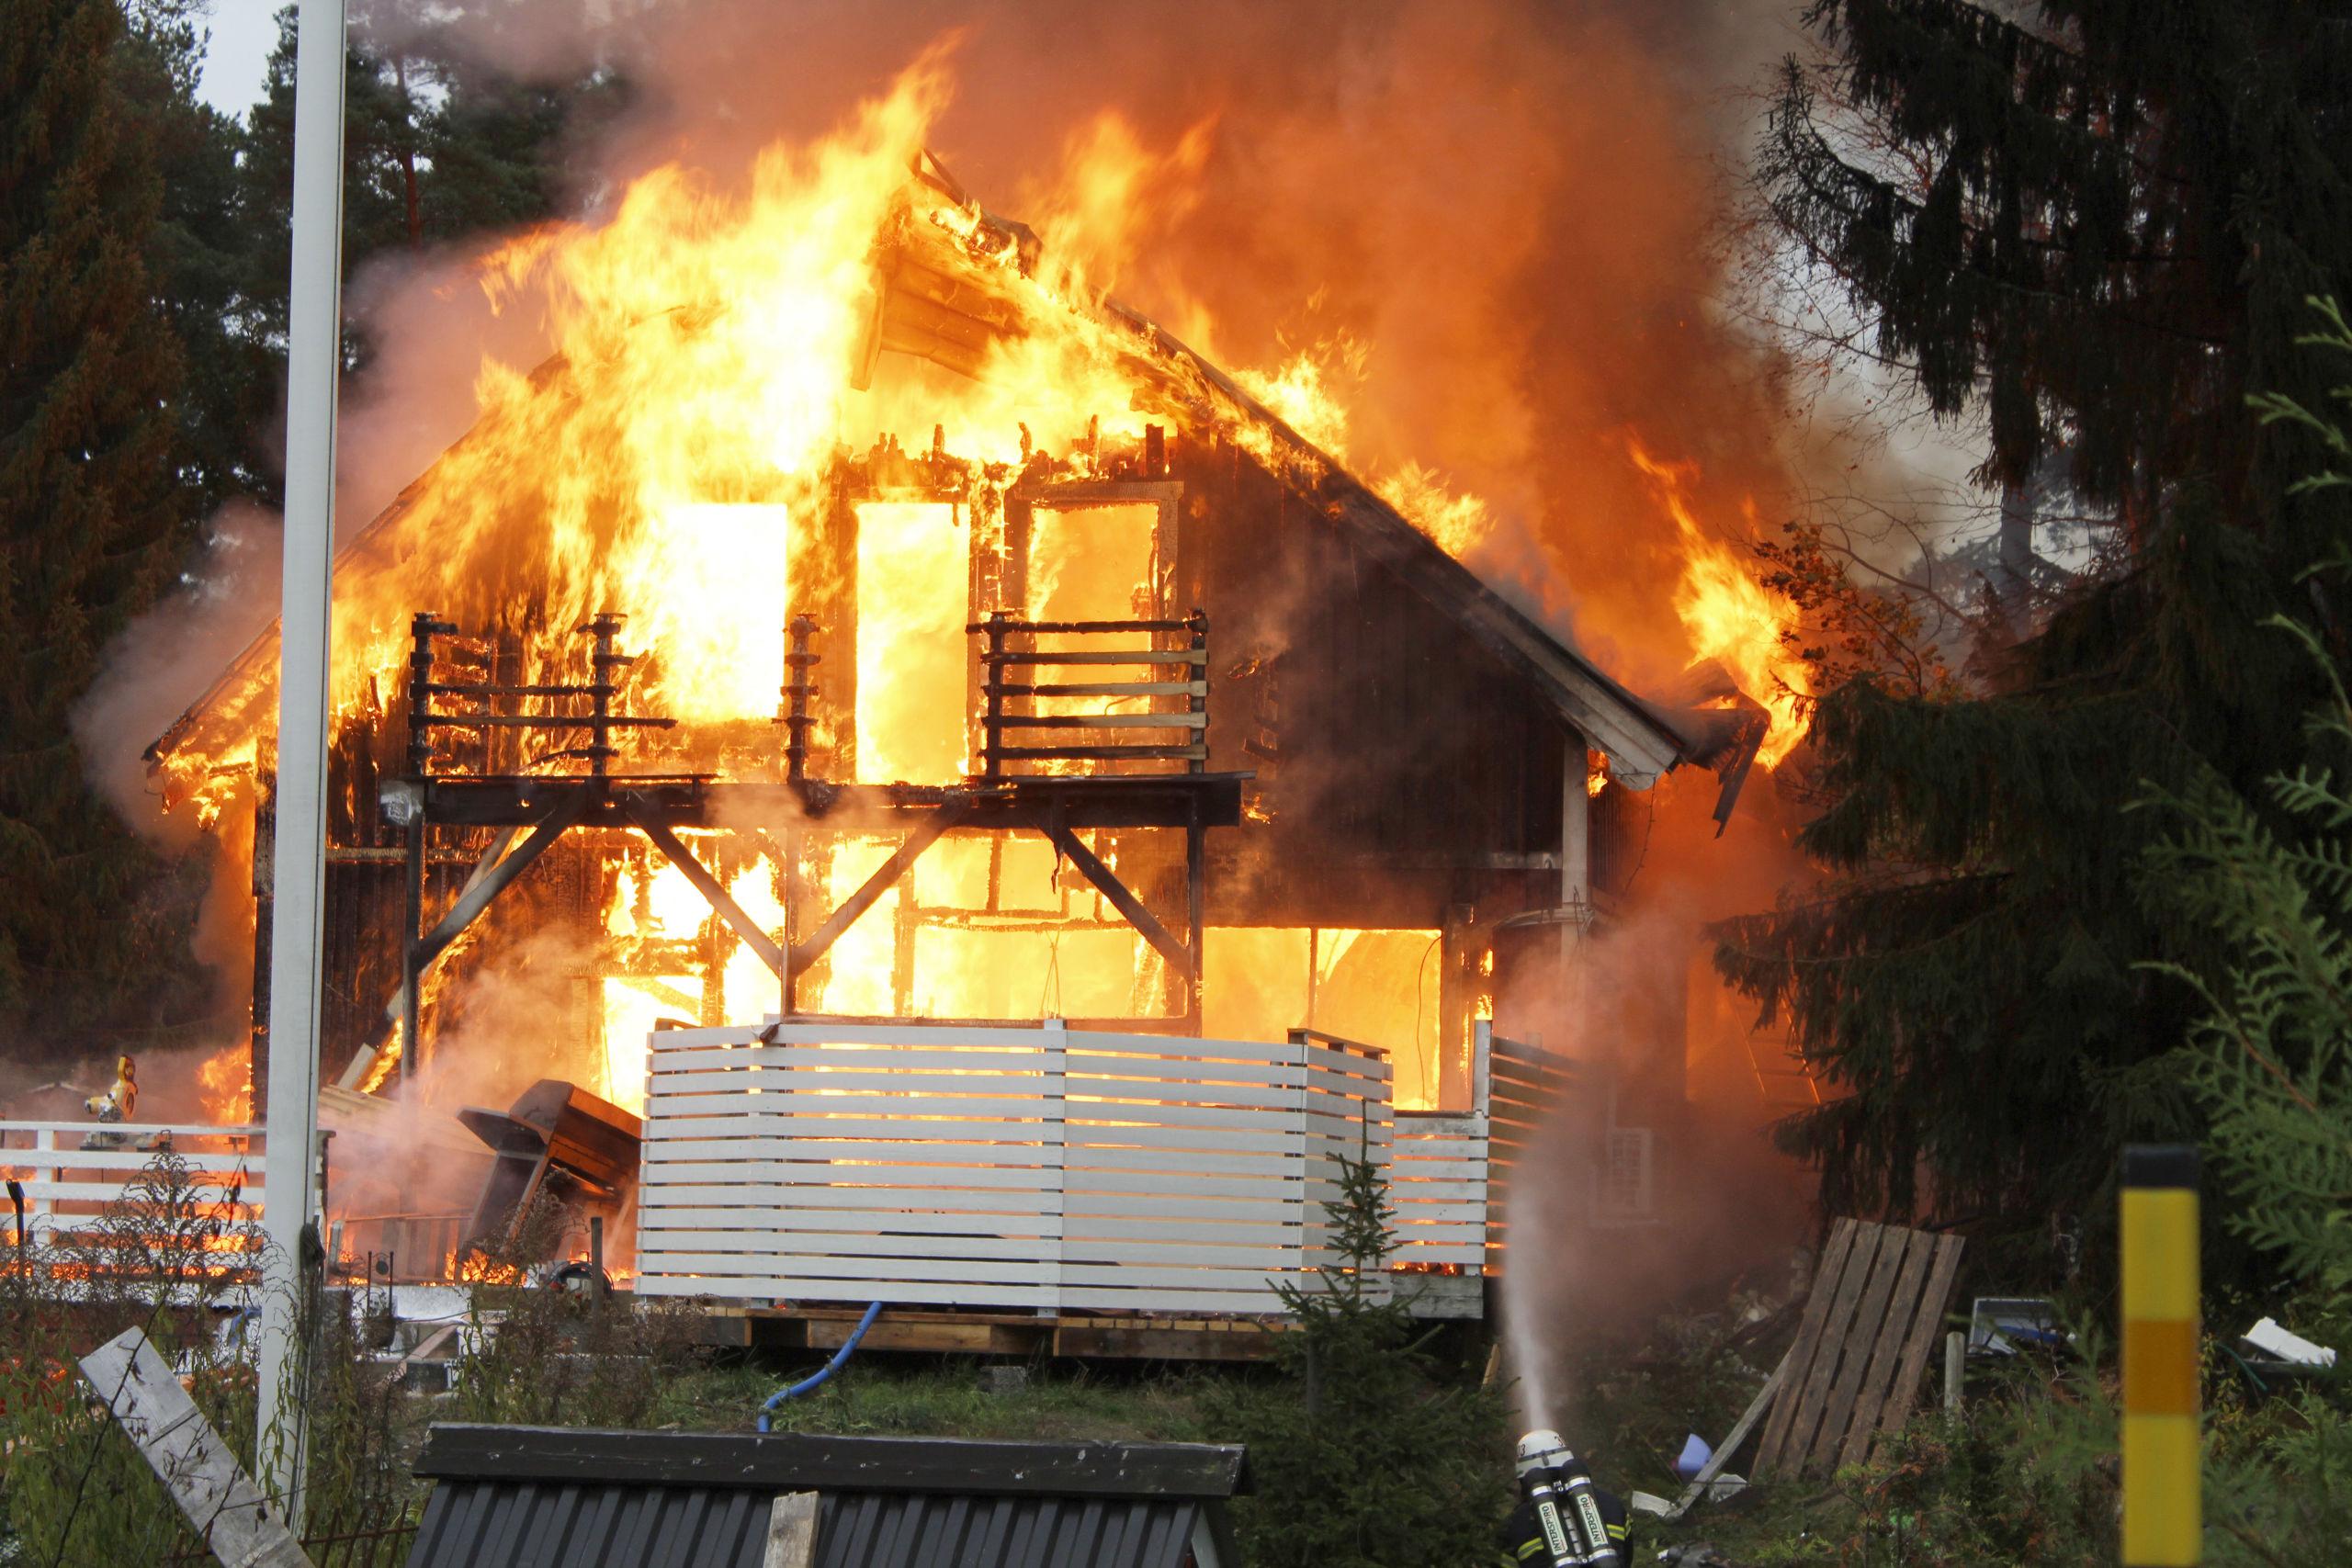 Villa brann ned till grunden